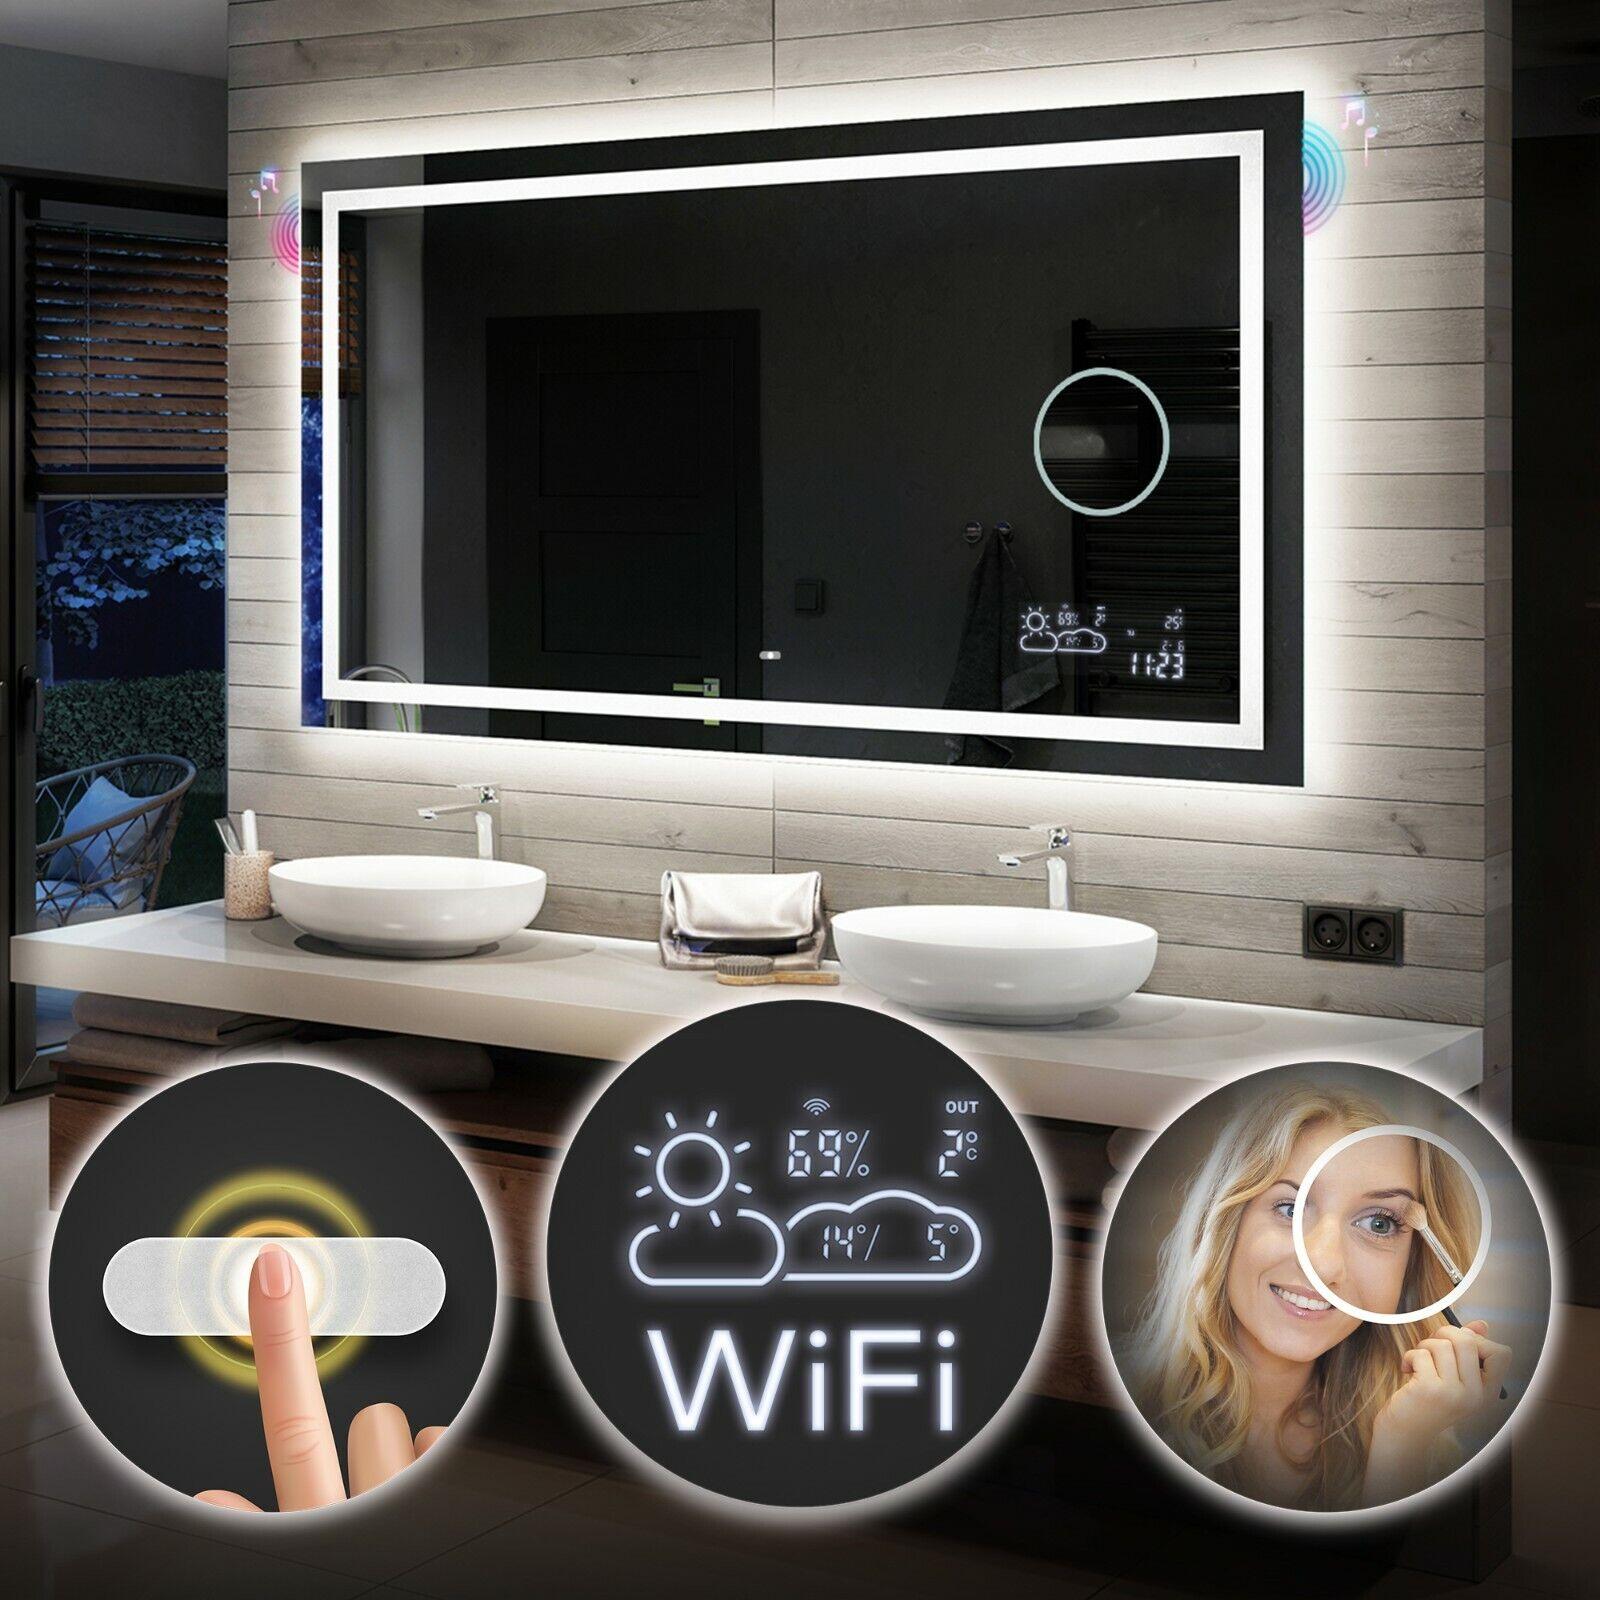 Badspiegel Mit Led Beleuchtung Wetterstation Wifi Touch Lautsprecher L15 Ebay